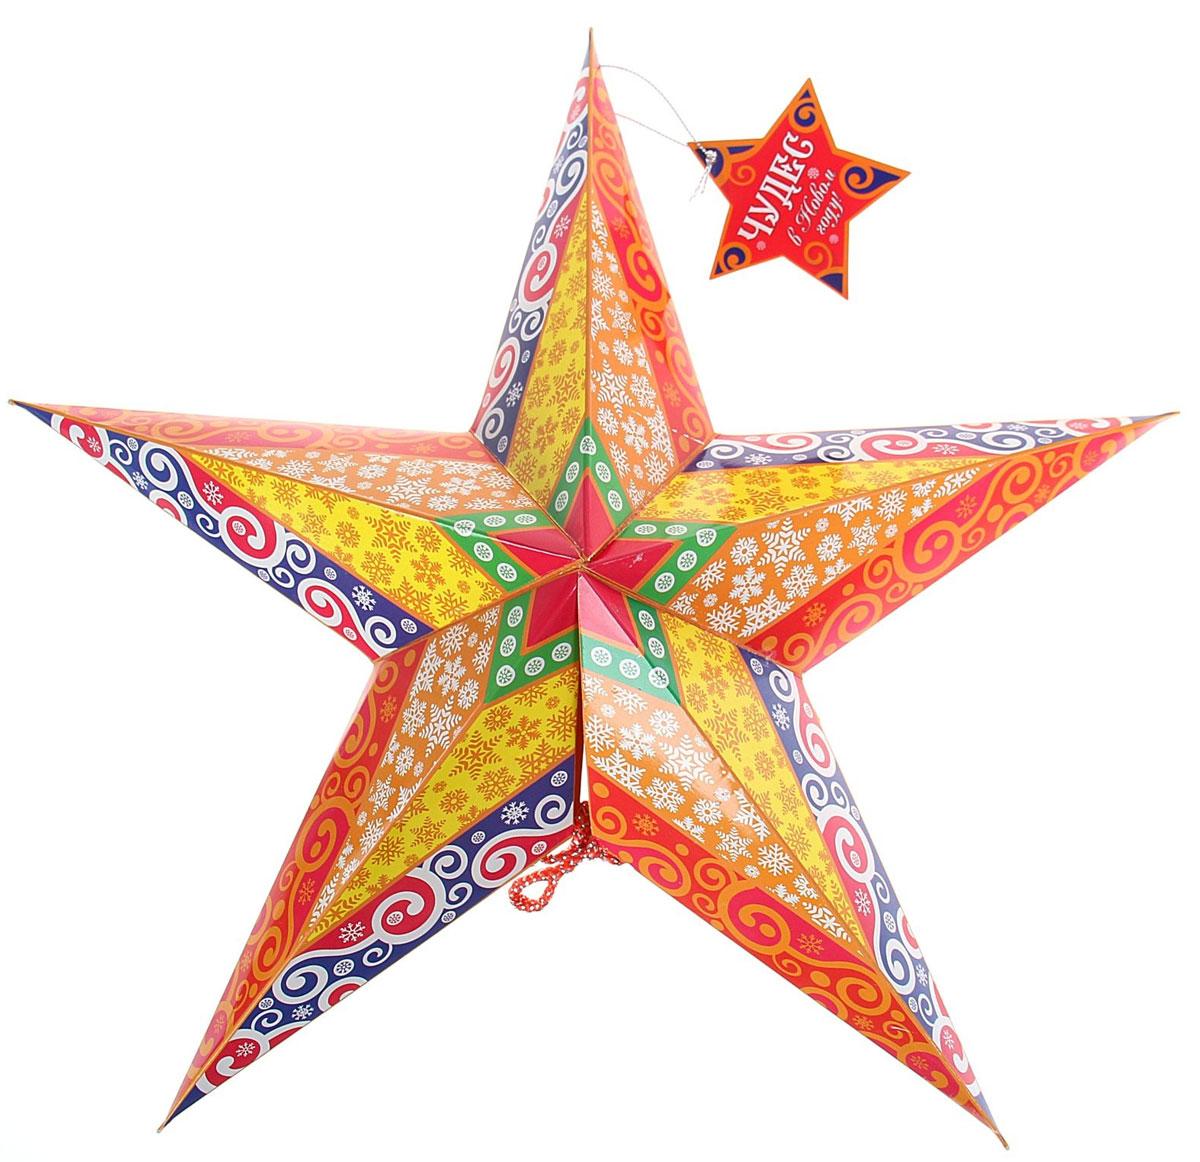 Новогоднее подвесное украшение Sima-land Звезда. Чудес в Новом году!, 45 х 45 х 17 см19201Подвесное украшение Sima-land Звезда. Чудес в Новом году!, выполненное из картона, прекрасно подойдет для праздничного декора интерьера. С помощью специального шнурка его можно повесить в любом понравившемся вам месте. Новогодние украшения несут в себе волшебство и красоту праздника. Они помогут вам украсить дом к предстоящим праздникам и оживить интерьер по вашему вкусу. Создайте в доме атмосферу тепла, веселья и радости, украшая его всей семьей.